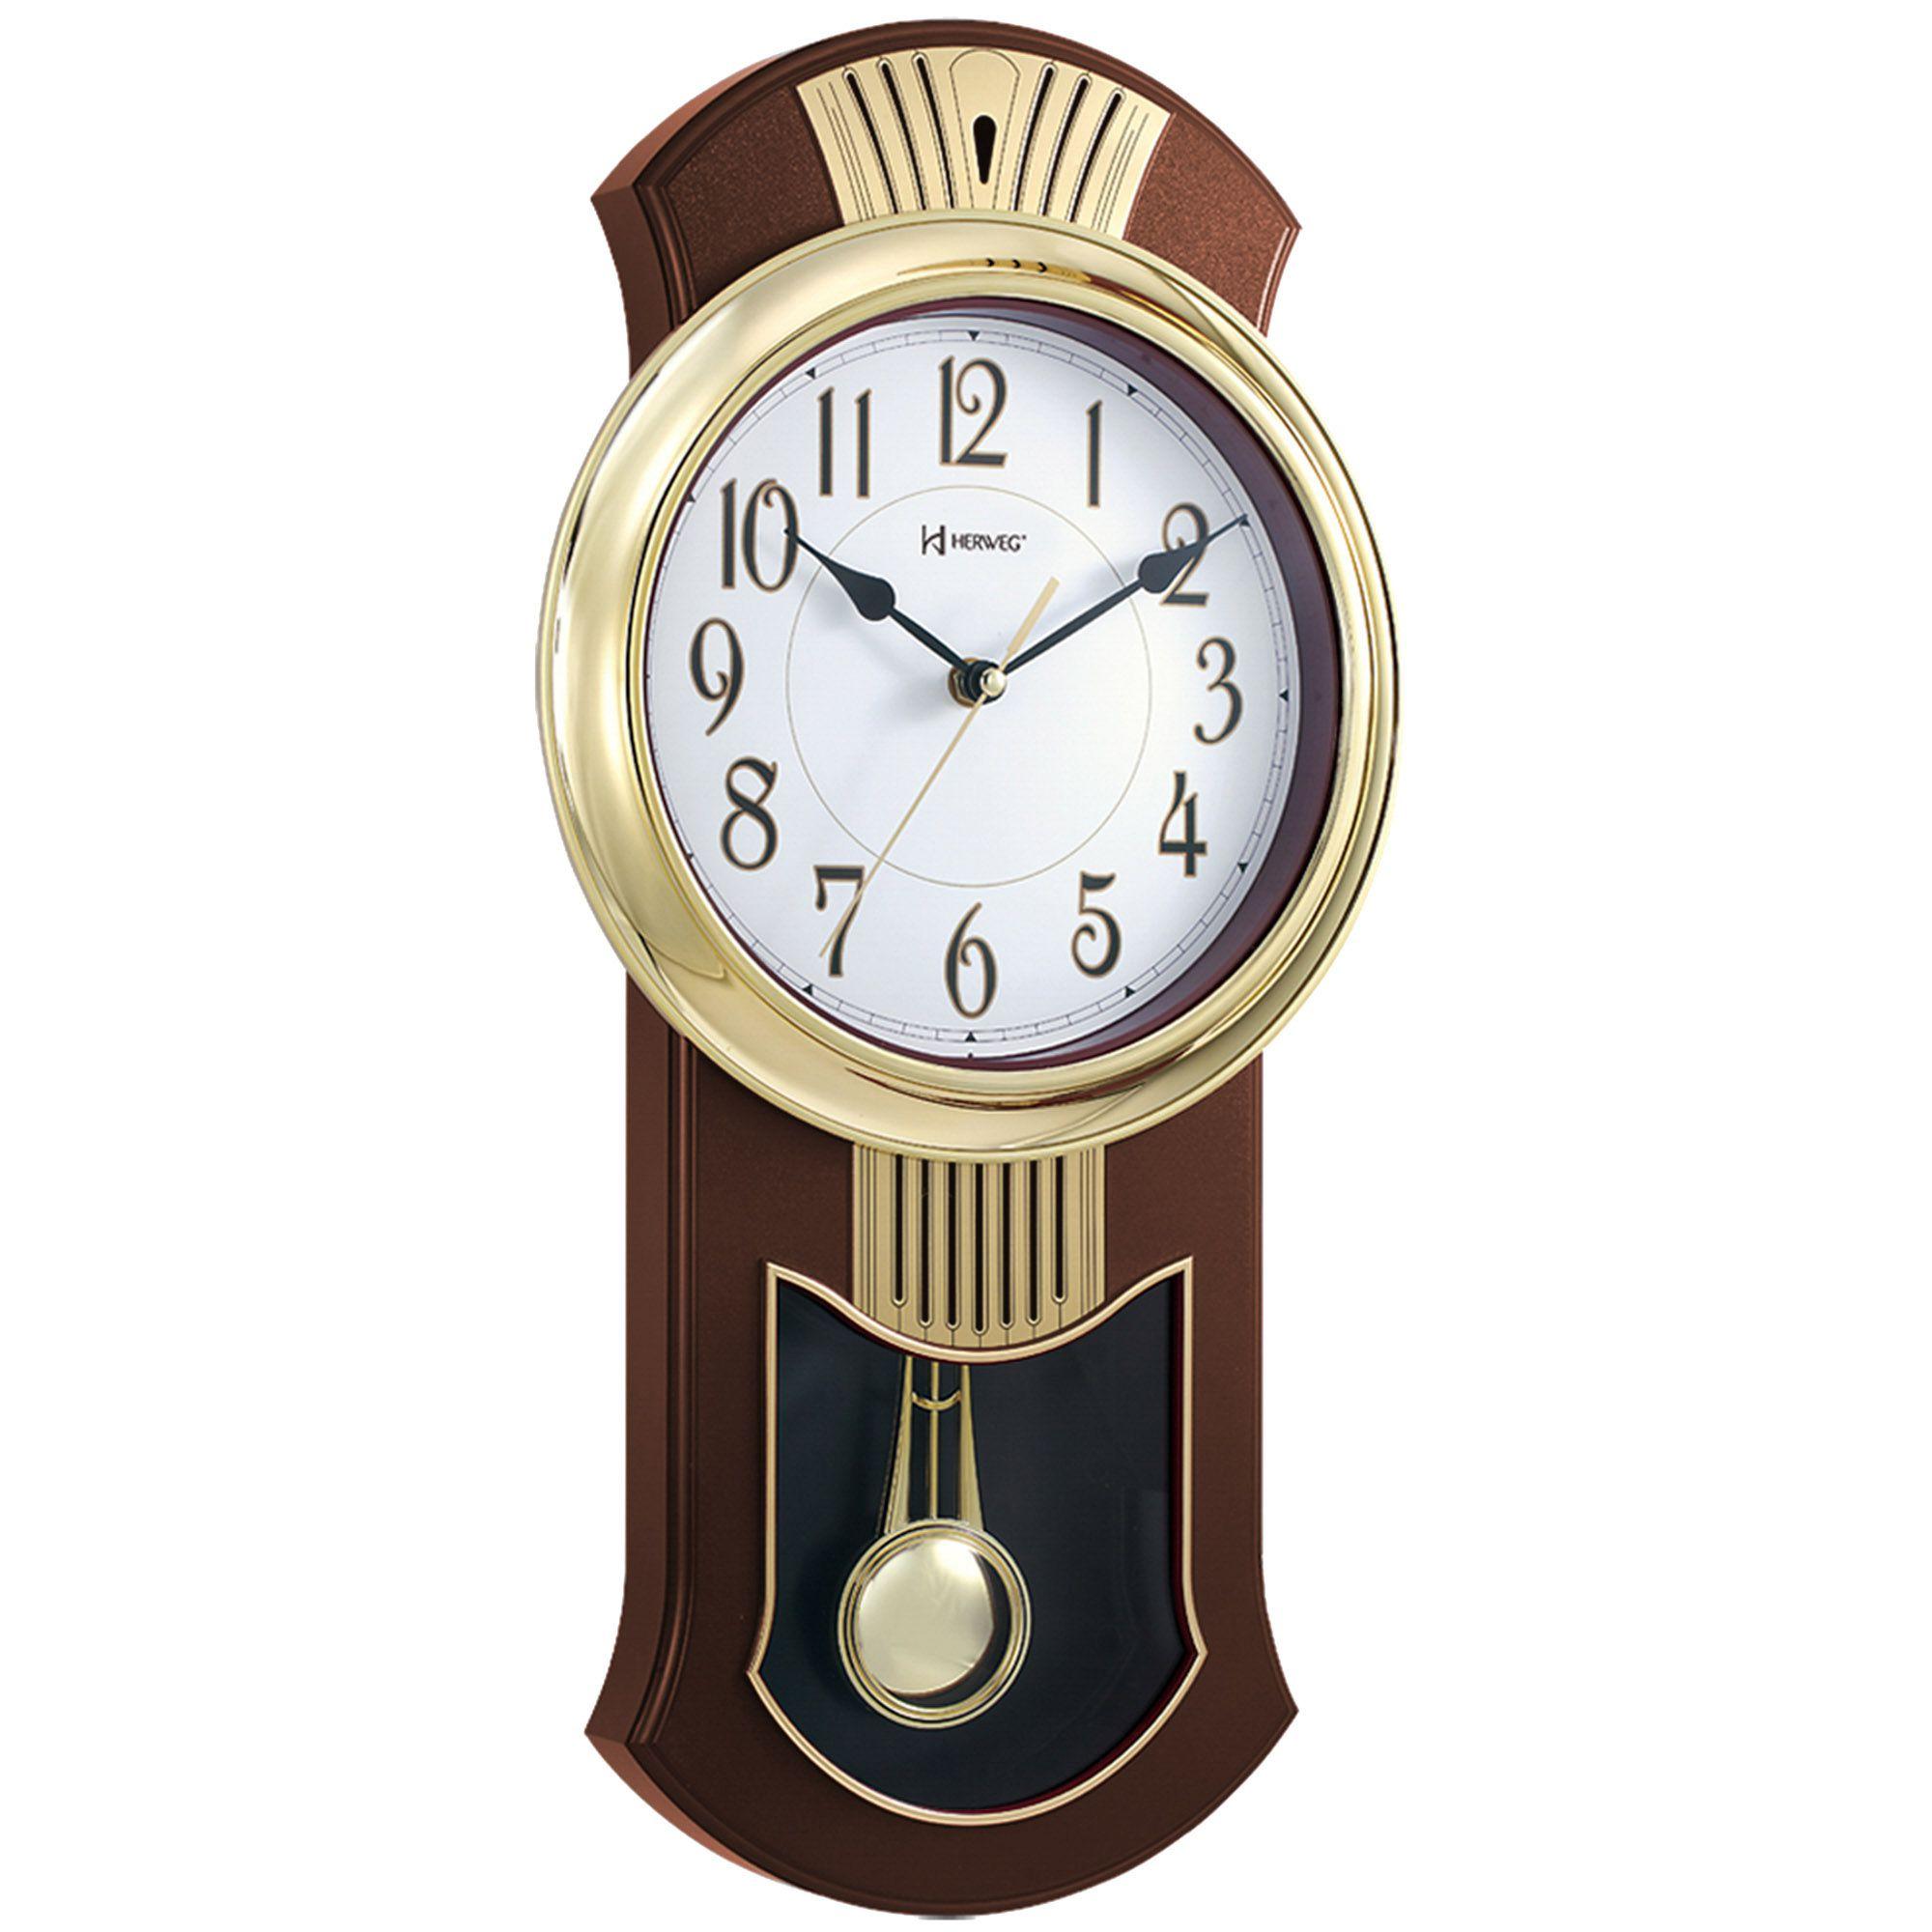 Relógio de Parede Pêndulo Herweg 6392 084 Marrom Ipê